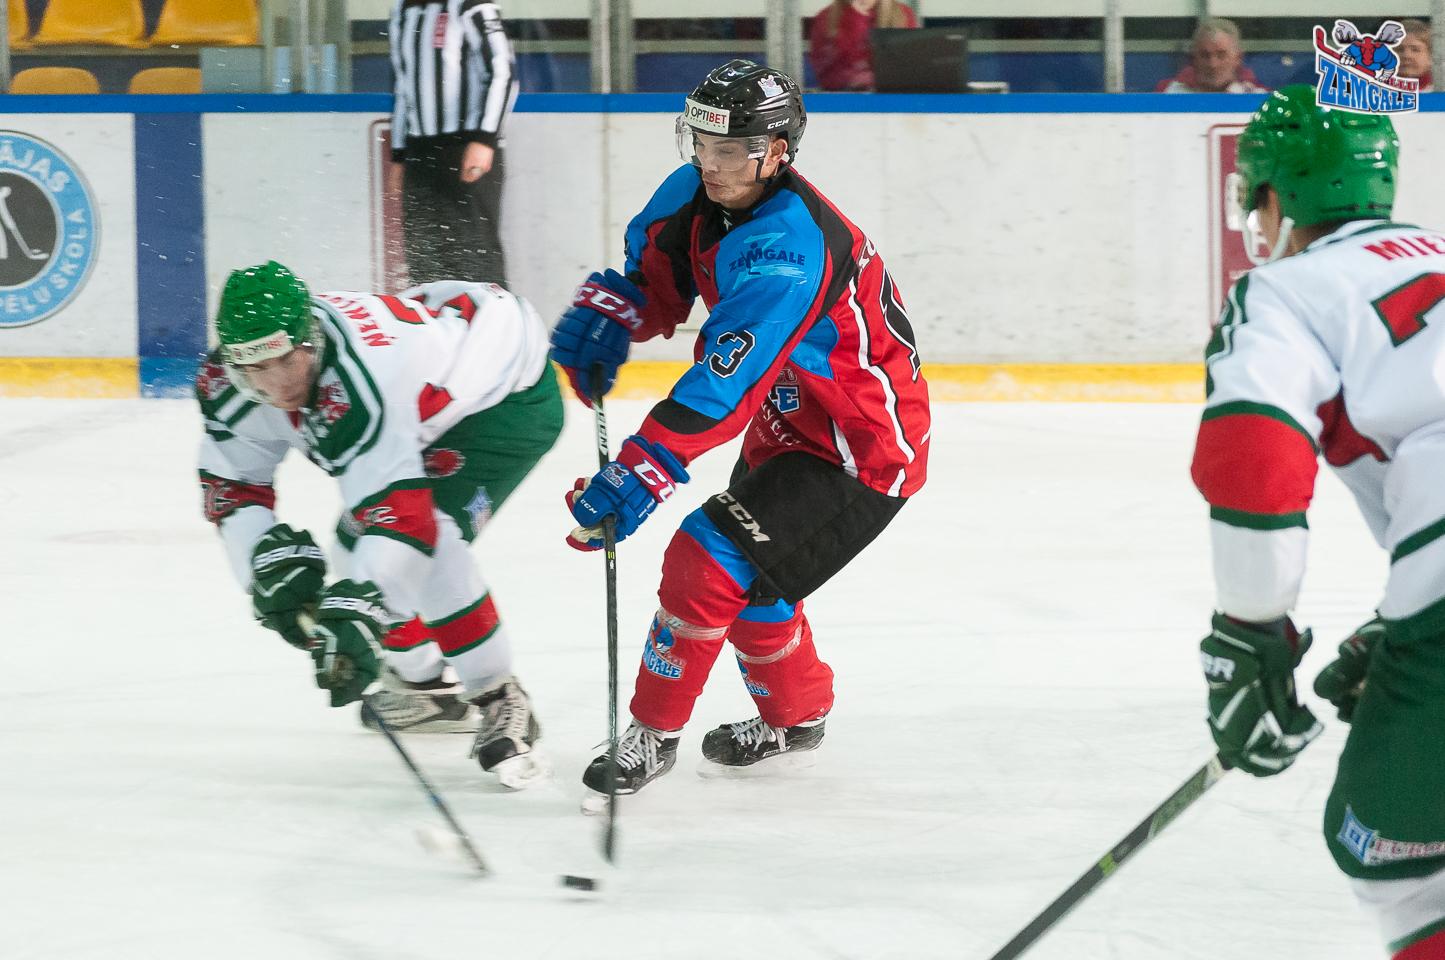 Zemgale/LLU uzbrucējs Raivis Kurnigins #13 mēģina izlauzties starp Liepāja/Optibet spēlētājiem LOC ledus hallē Liepājā 2017. gada 21. oktobrī.